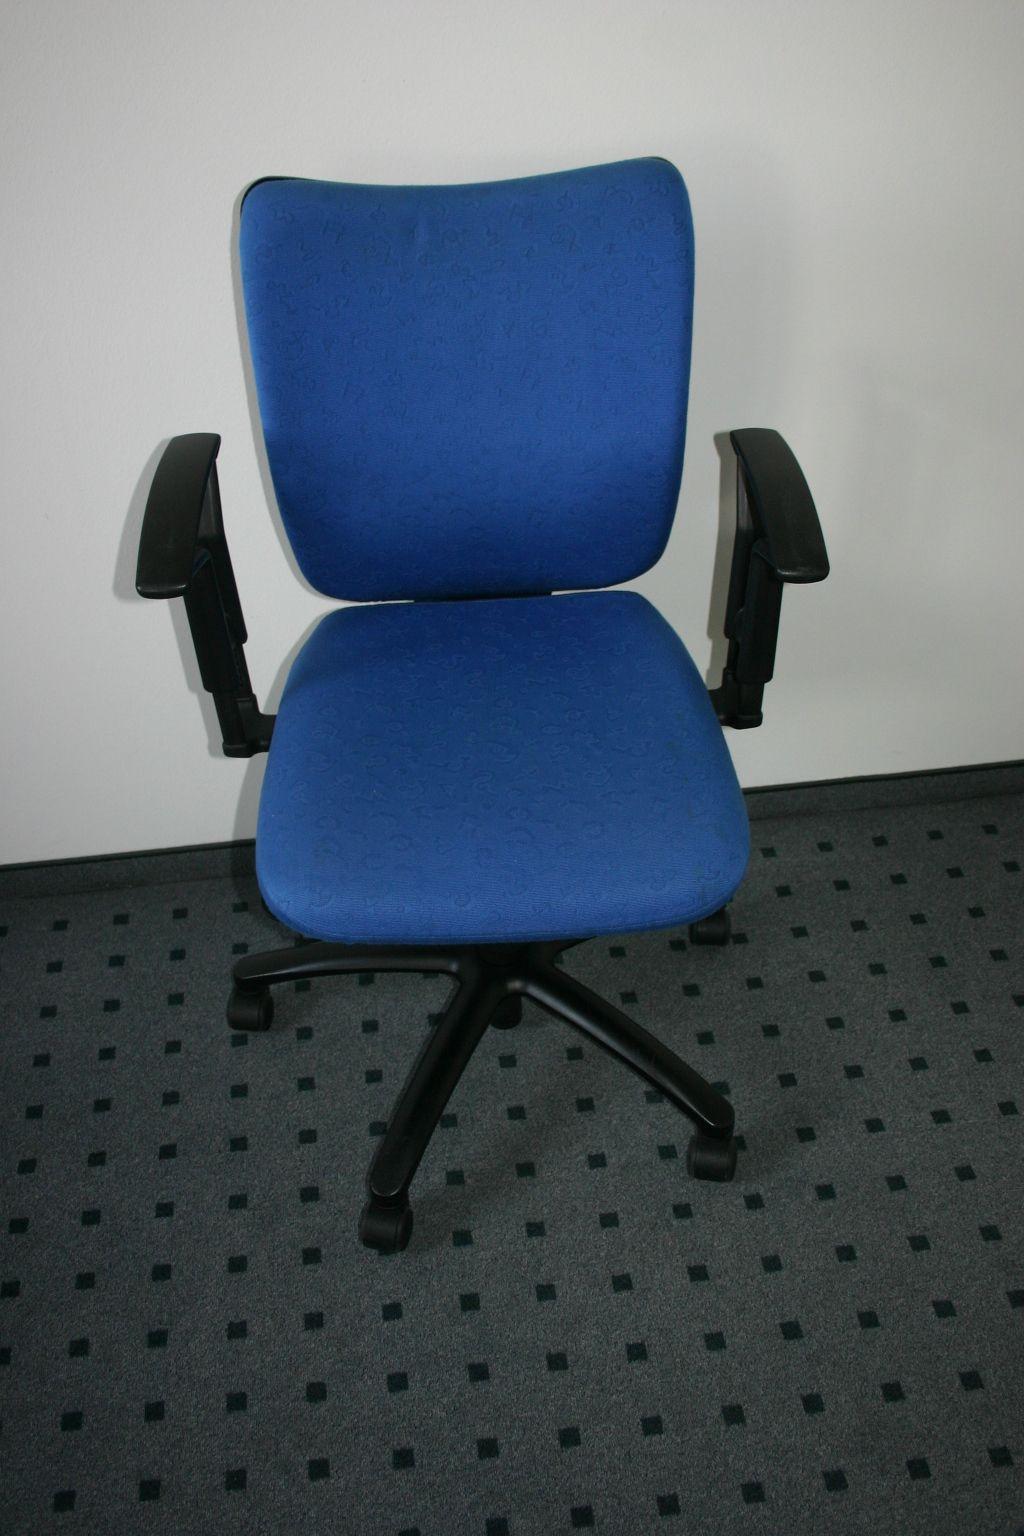 drehstuhl mit armlehnen in blau von viasit. Black Bedroom Furniture Sets. Home Design Ideas